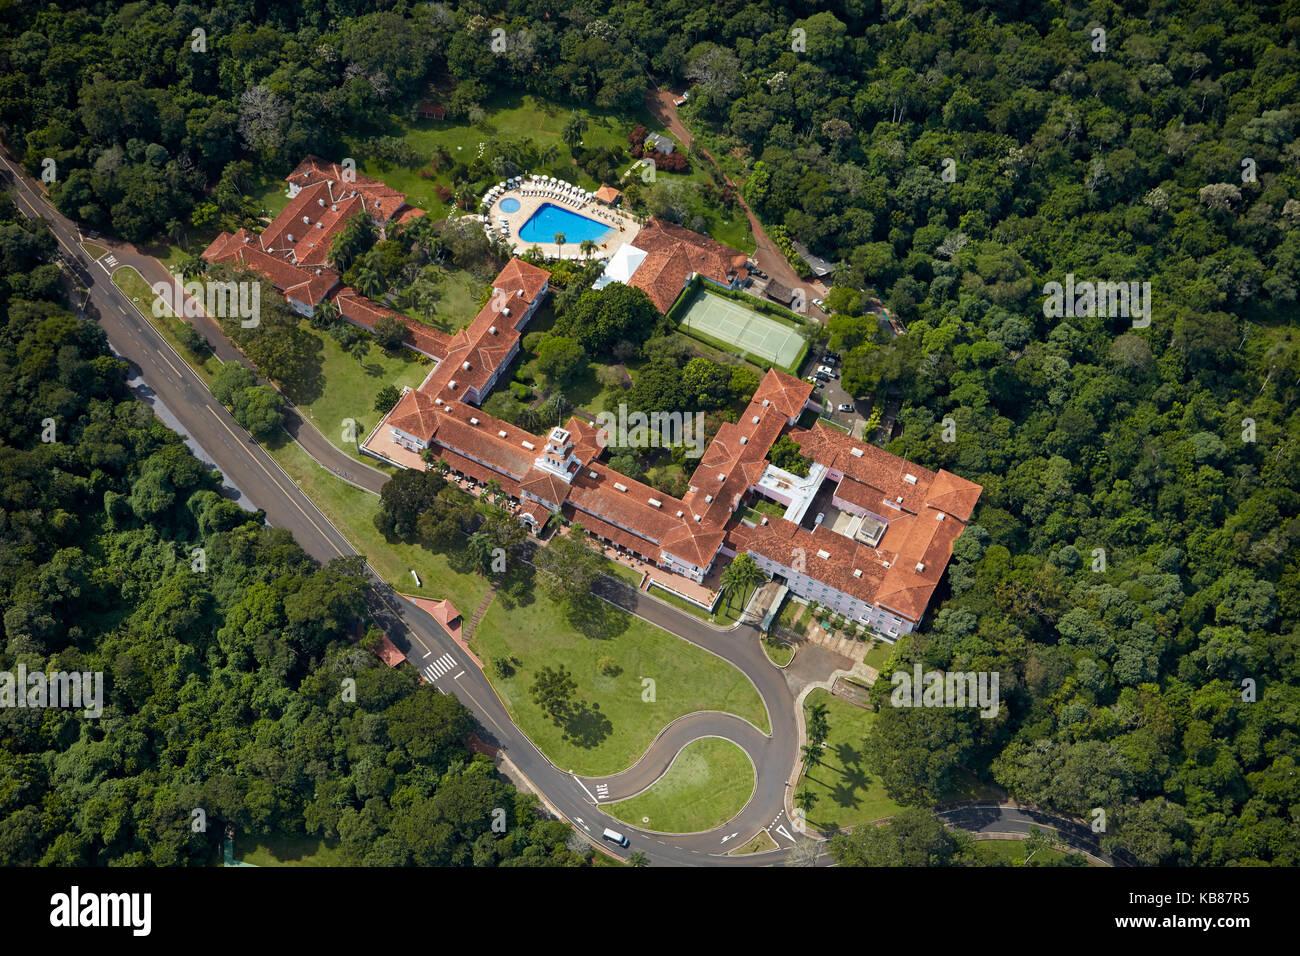 Belmond hotel das cataratas d'Iguazu, l'Etat du Parana, Brésil, Amérique du sud - vue aérienne Banque D'Images